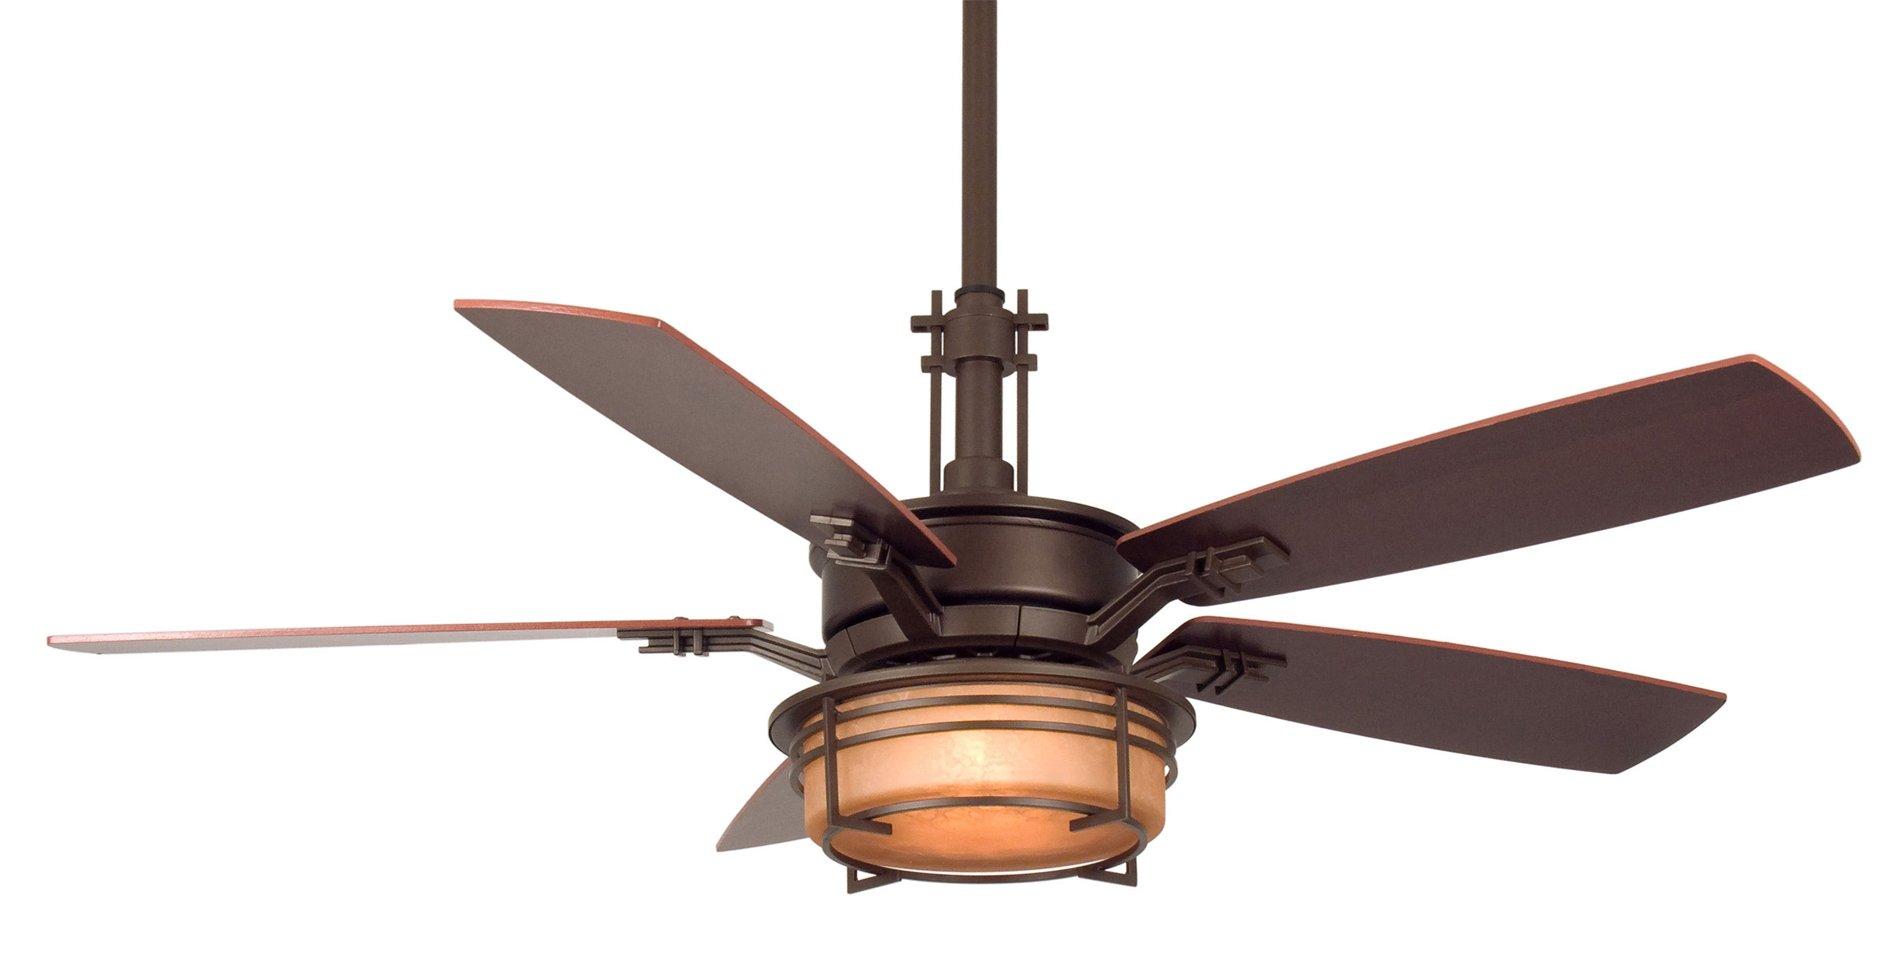 Fanimation Fp5220 54 Quot Andover Tropical Ceiling Fan Fm Fp5220